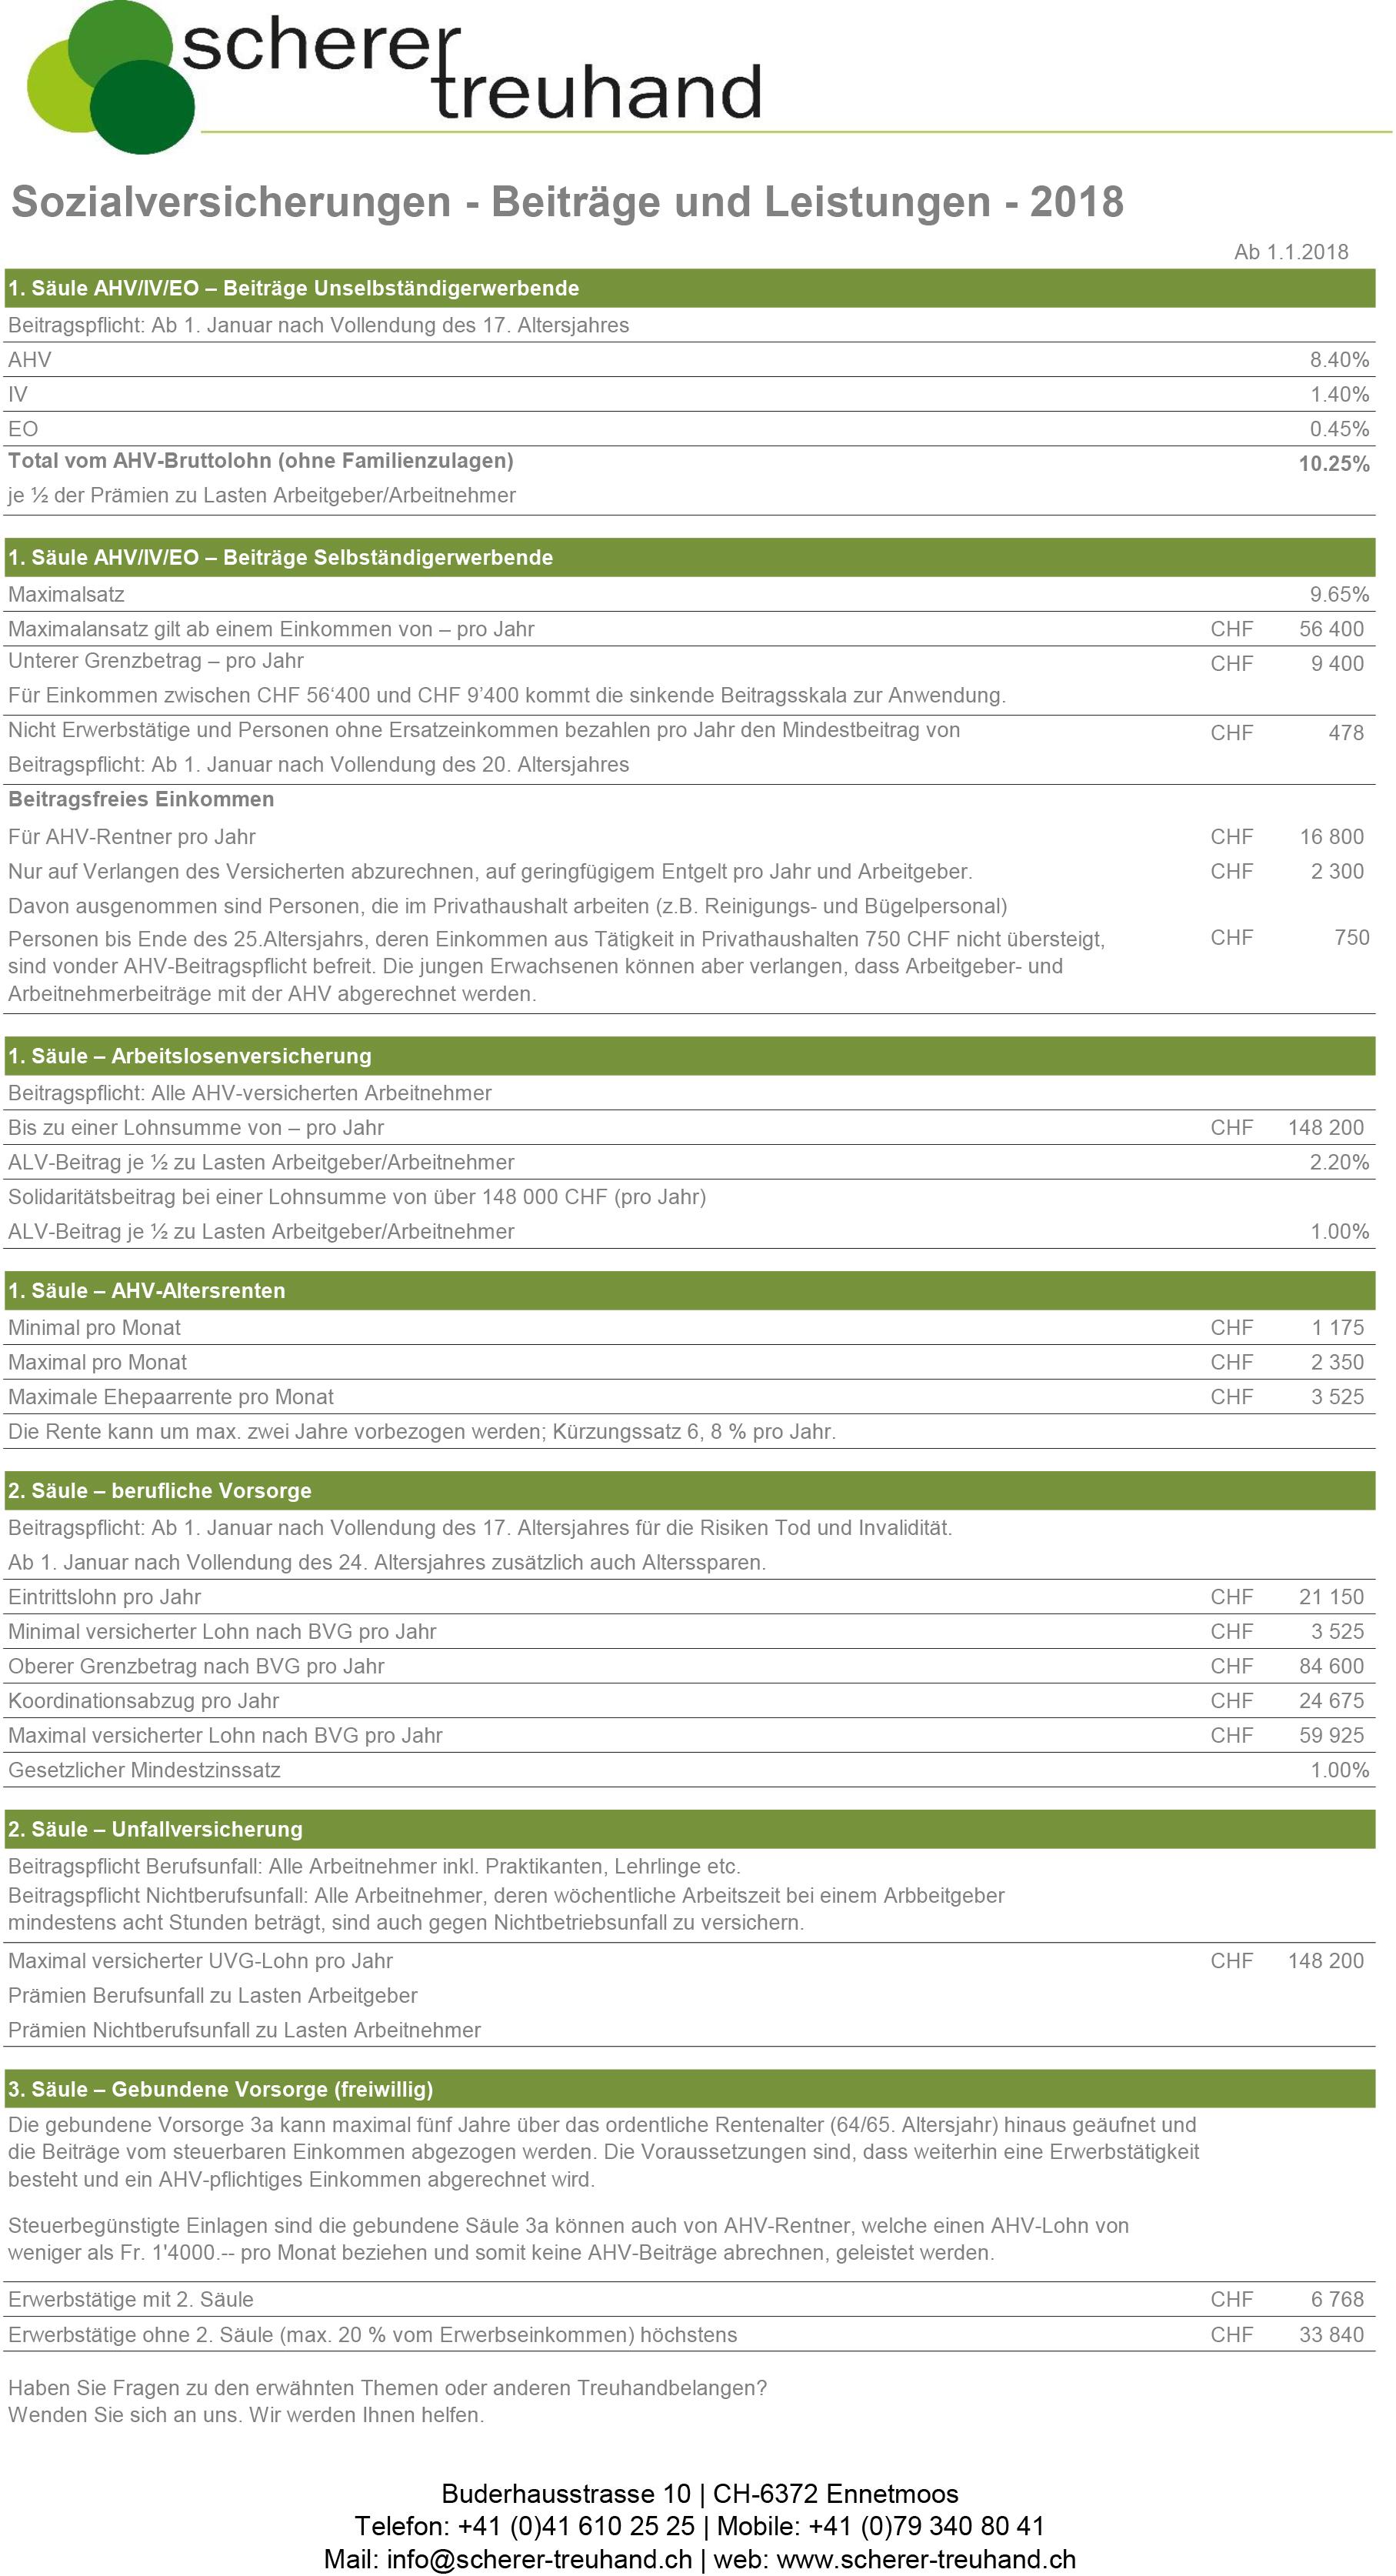 Sozialversicherungsstze - Beitrge und Leistungen-1jpg